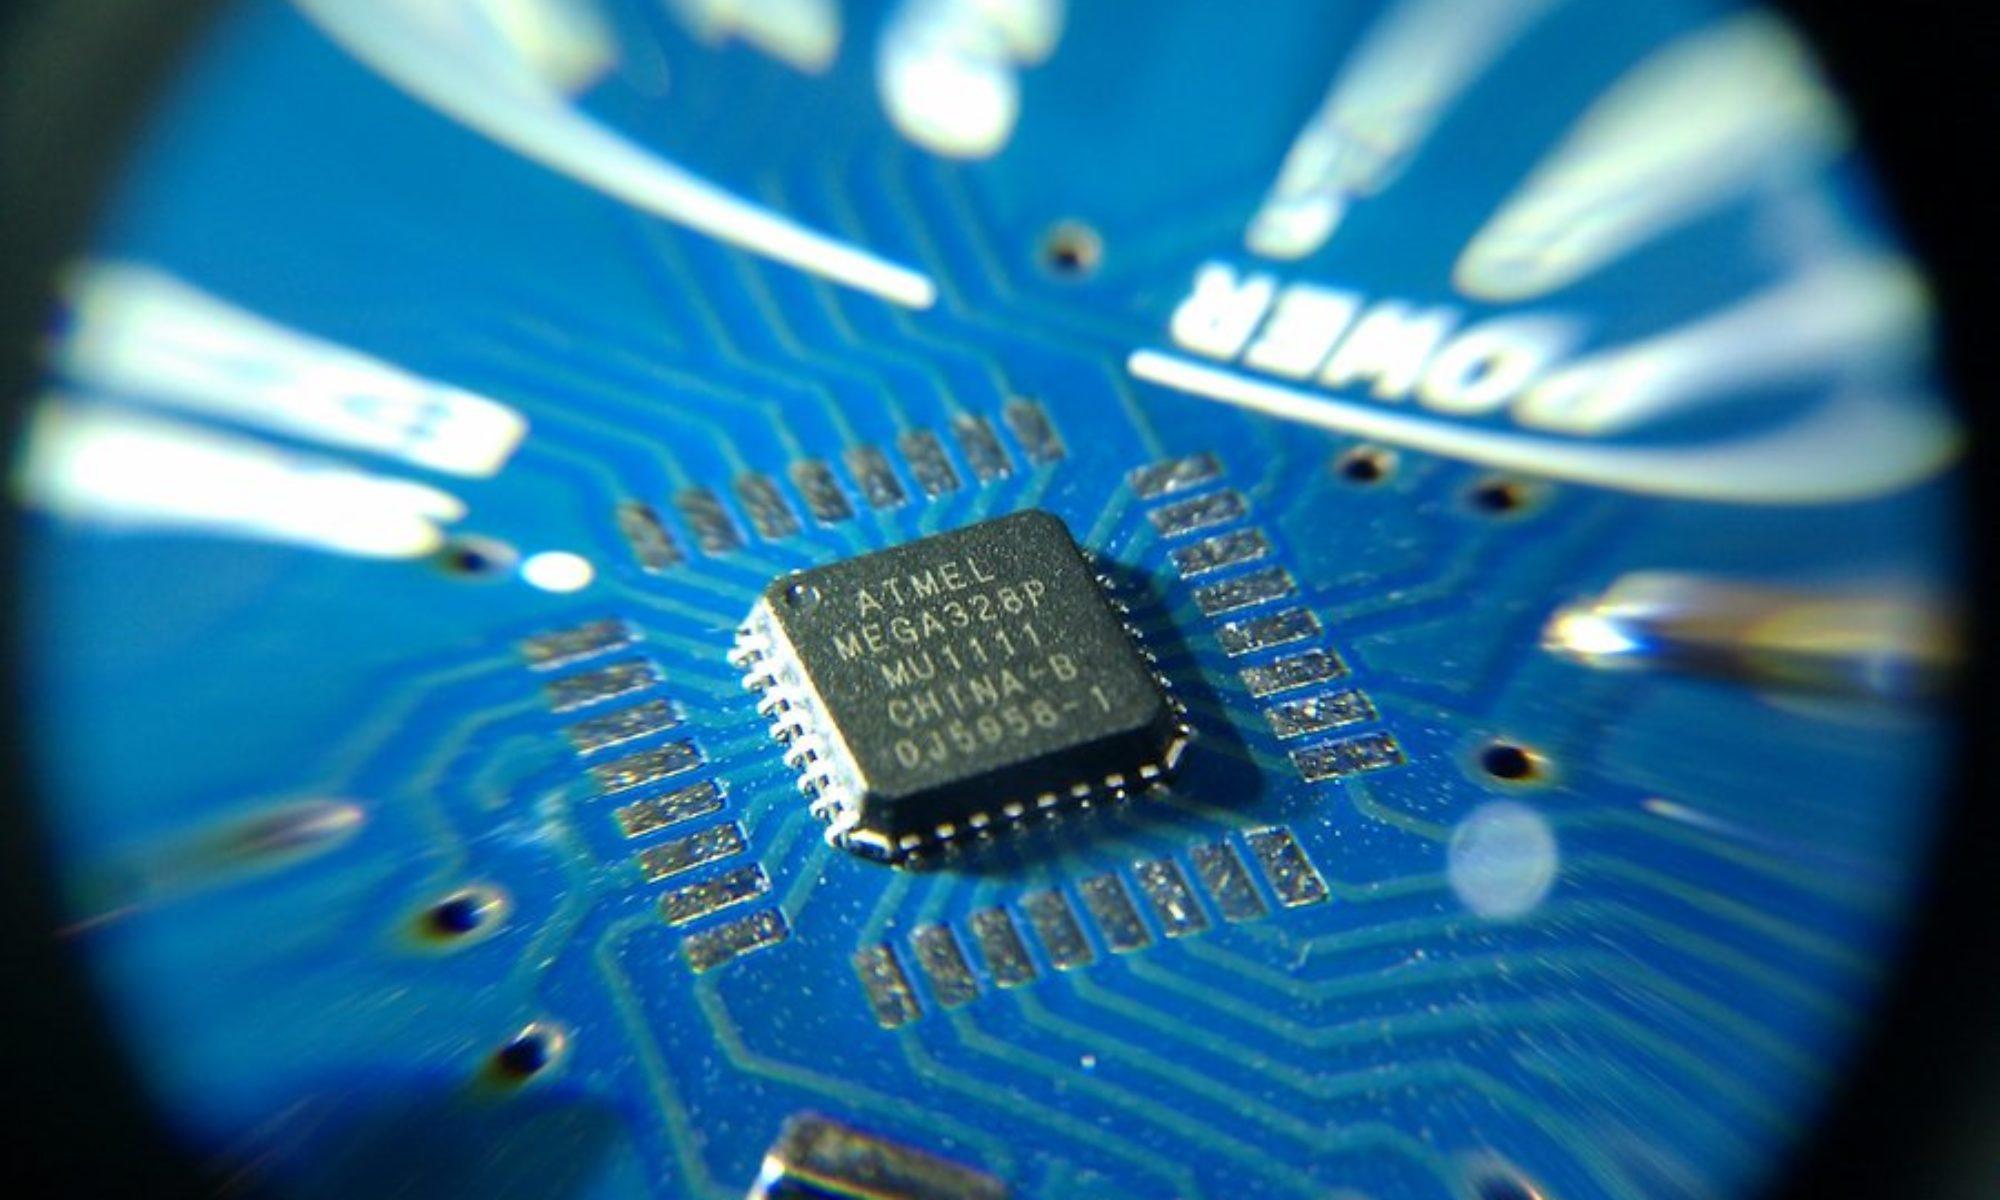 Enlaza 2017 - IOT Programación y montaje de arduinos, esp8266 y Raspberry Pi (CF Informática - IES LOmo de la Herradura y IES Roque Amagro)